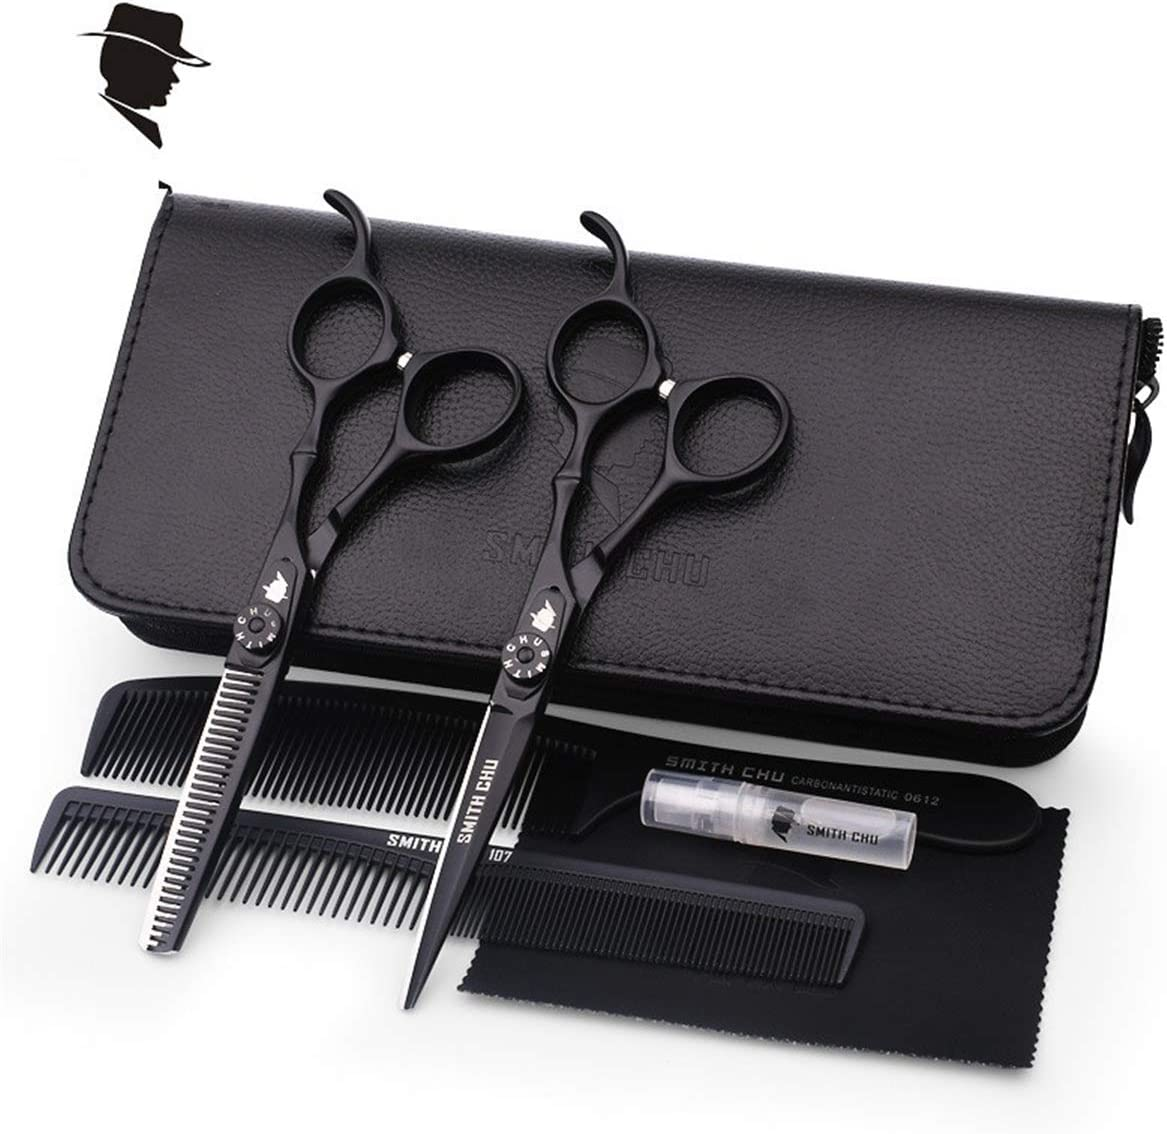 XUEE Juego de Tijeras de peluquería Profesional Deep Black de 7.0 Pulgadas, Negro sólido con Estuche + Peine + Dos Inserciones de Dedos, Juego: Amazon.es: Hogar